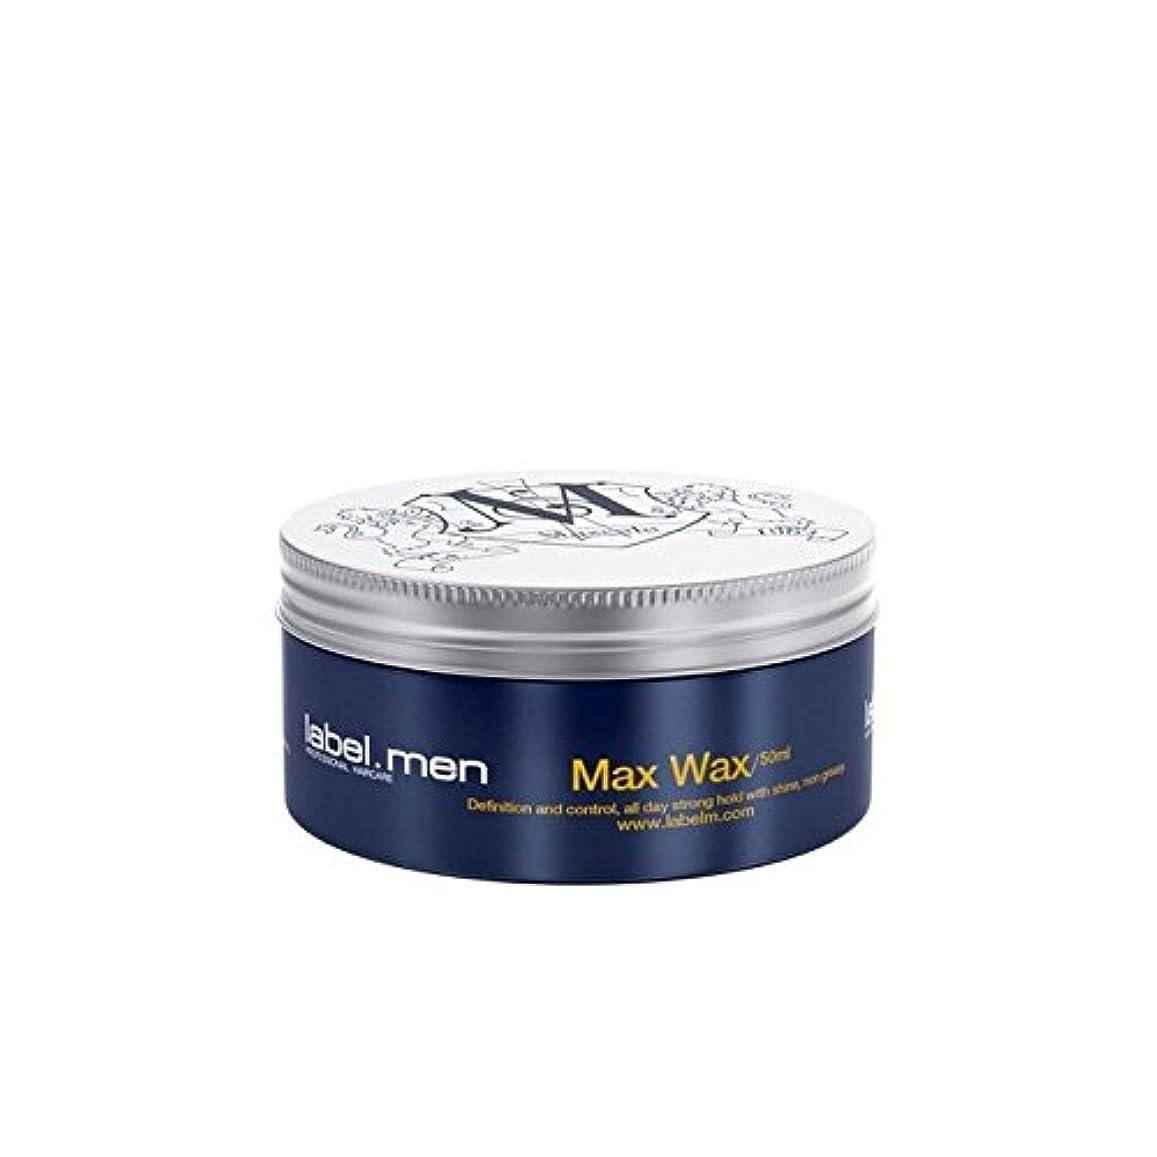 バンジョー置き場スピーチ.マックスワックス(50ミリリットル) x2 - Label.Men Max Wax (50ml) (Pack of 2) [並行輸入品]